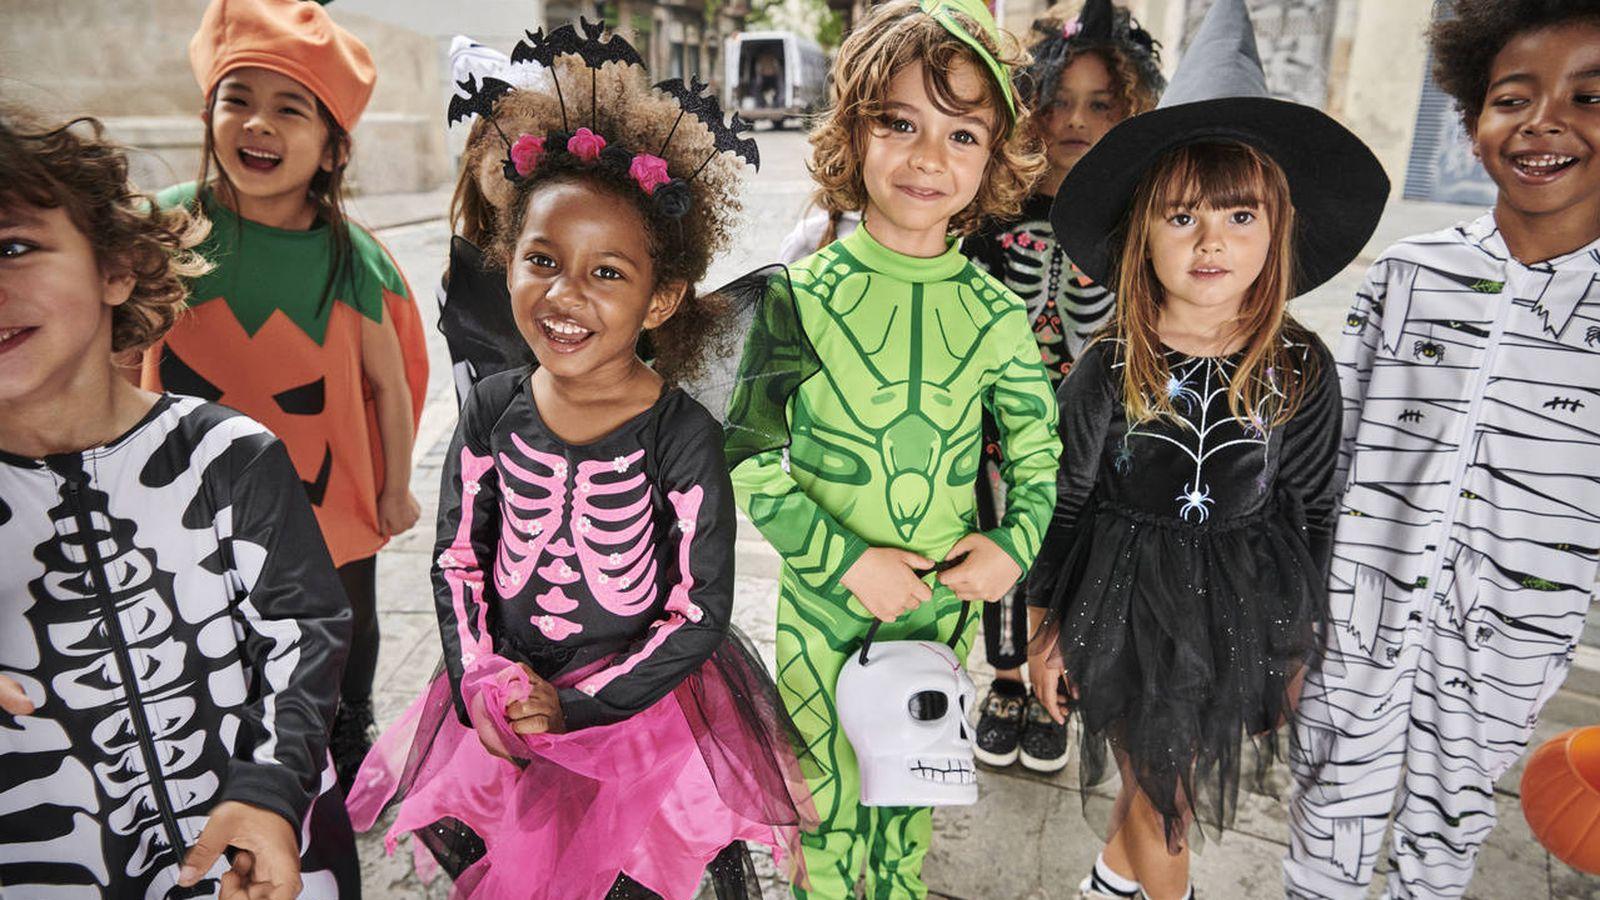 Foto: Imagen de la campaña de H&M para su edición limitada de Halloween.